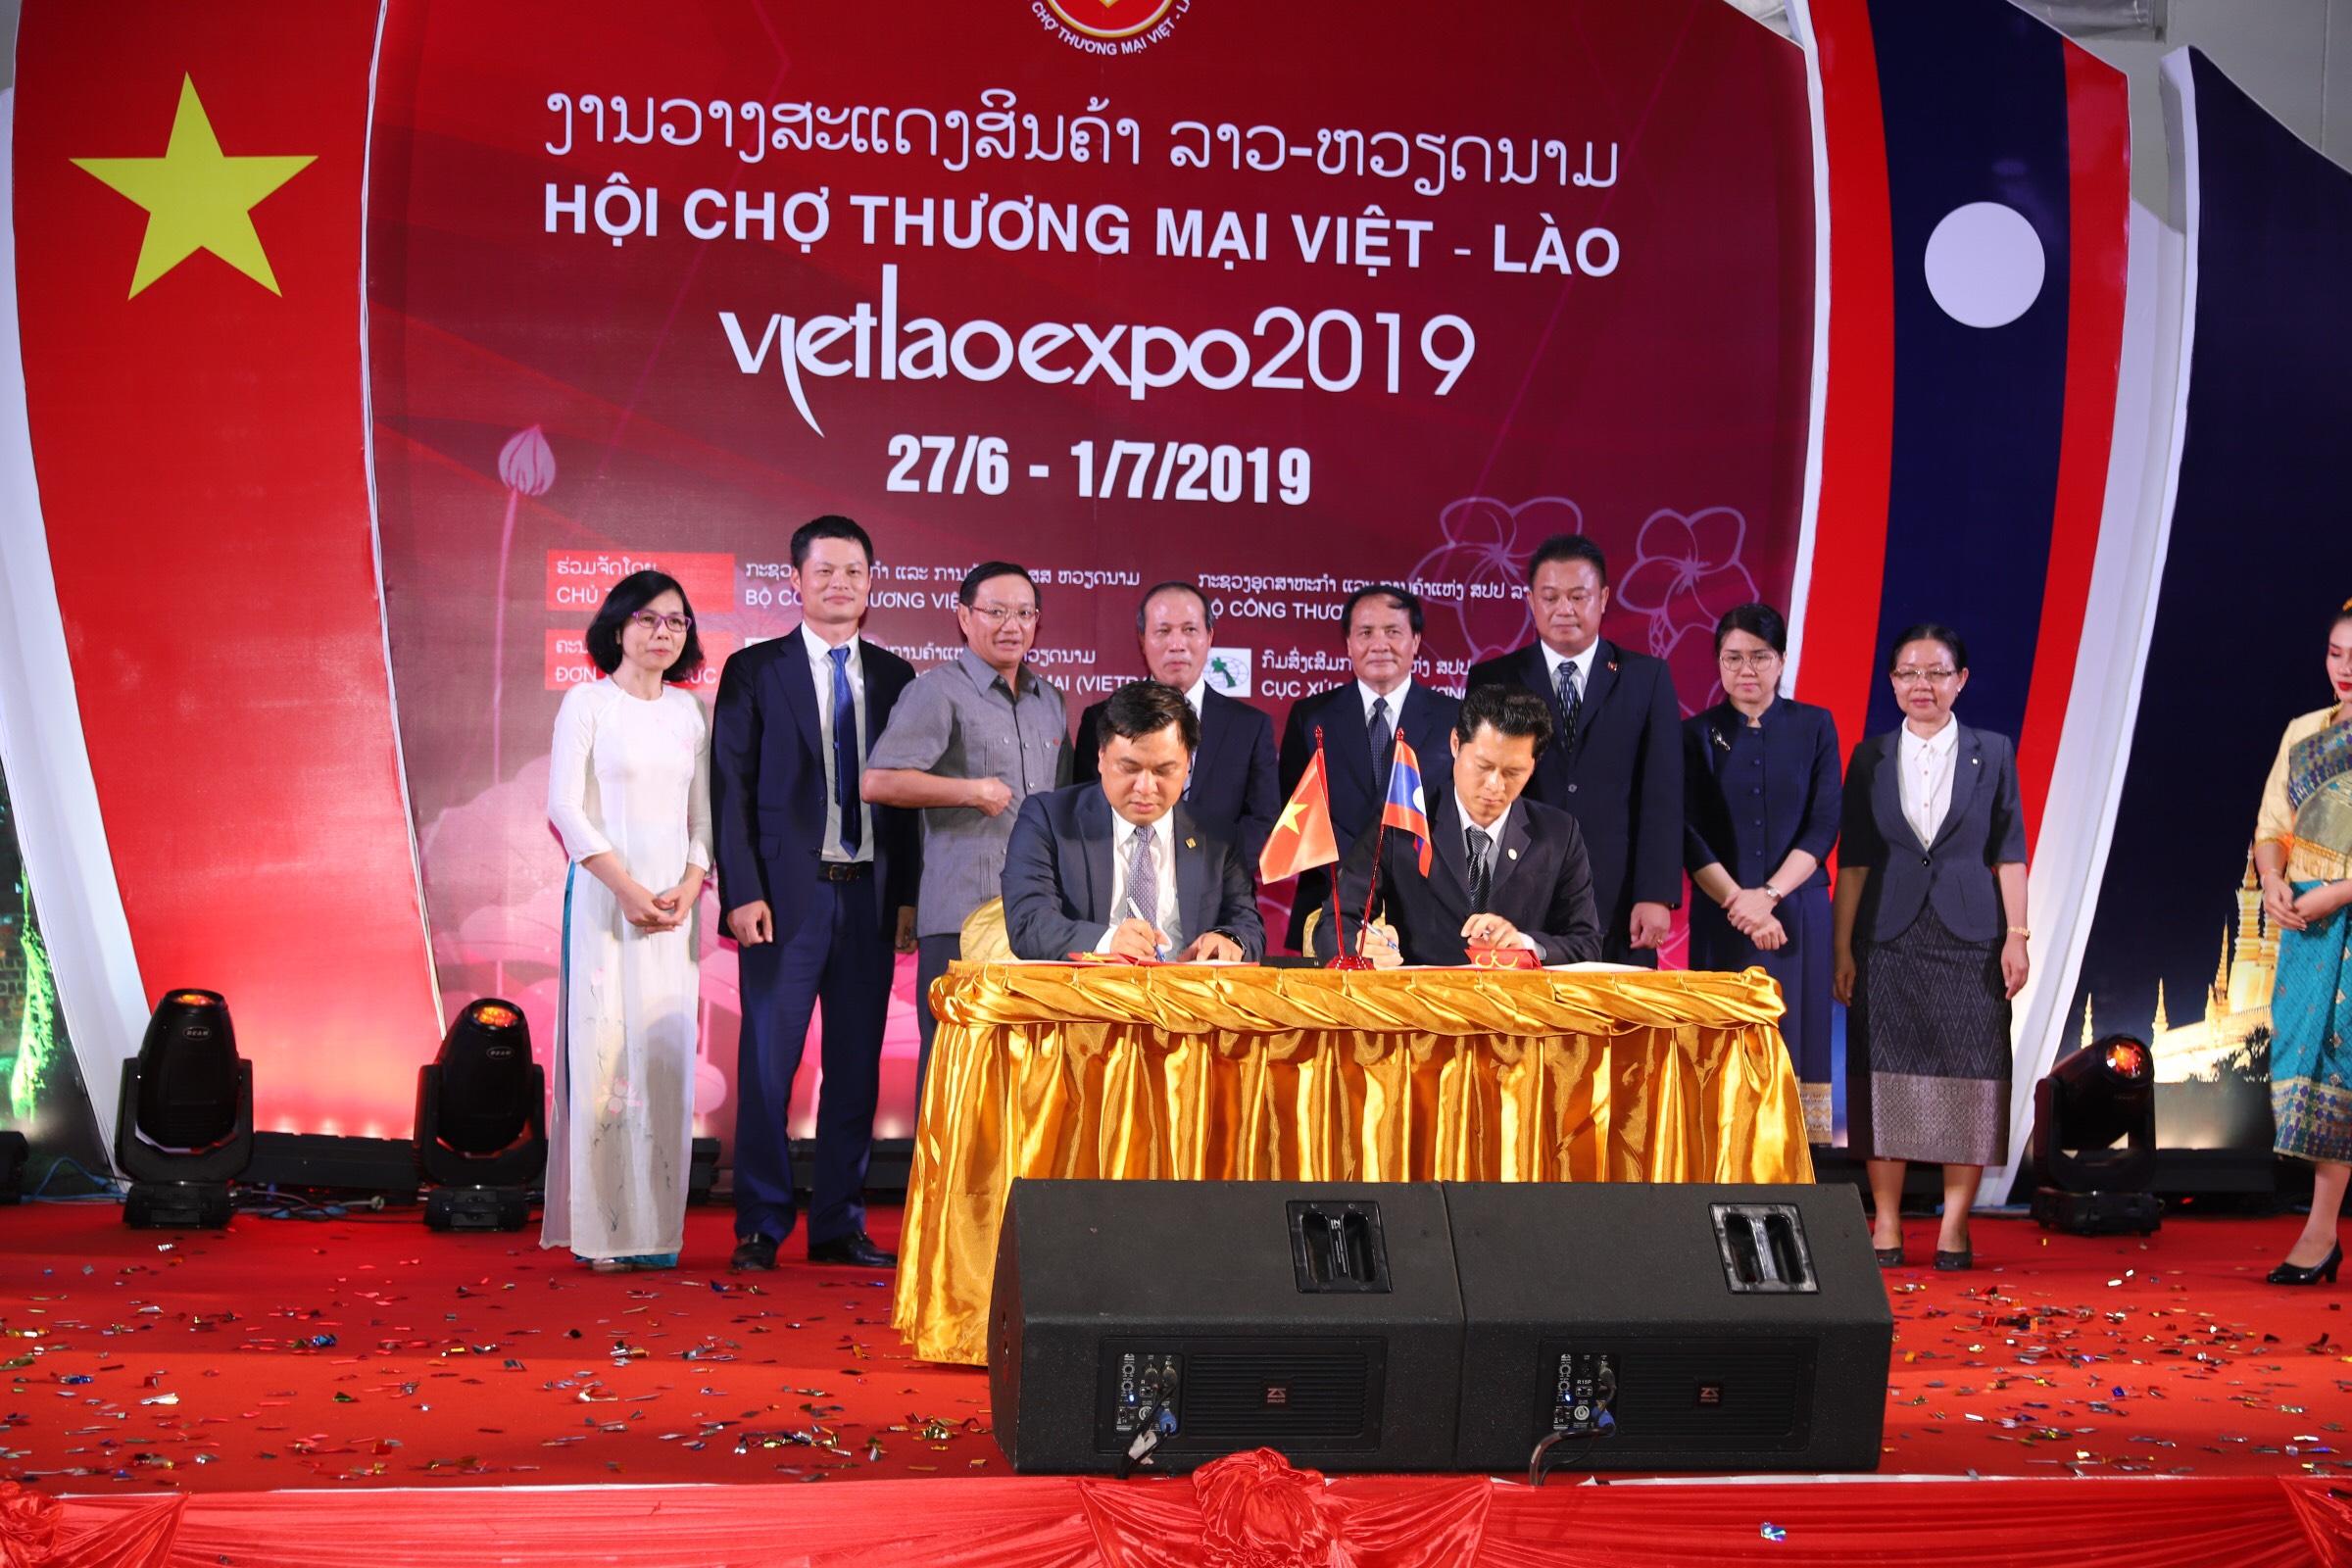 Hội chợ thương mại Việt - Lào năm 2019